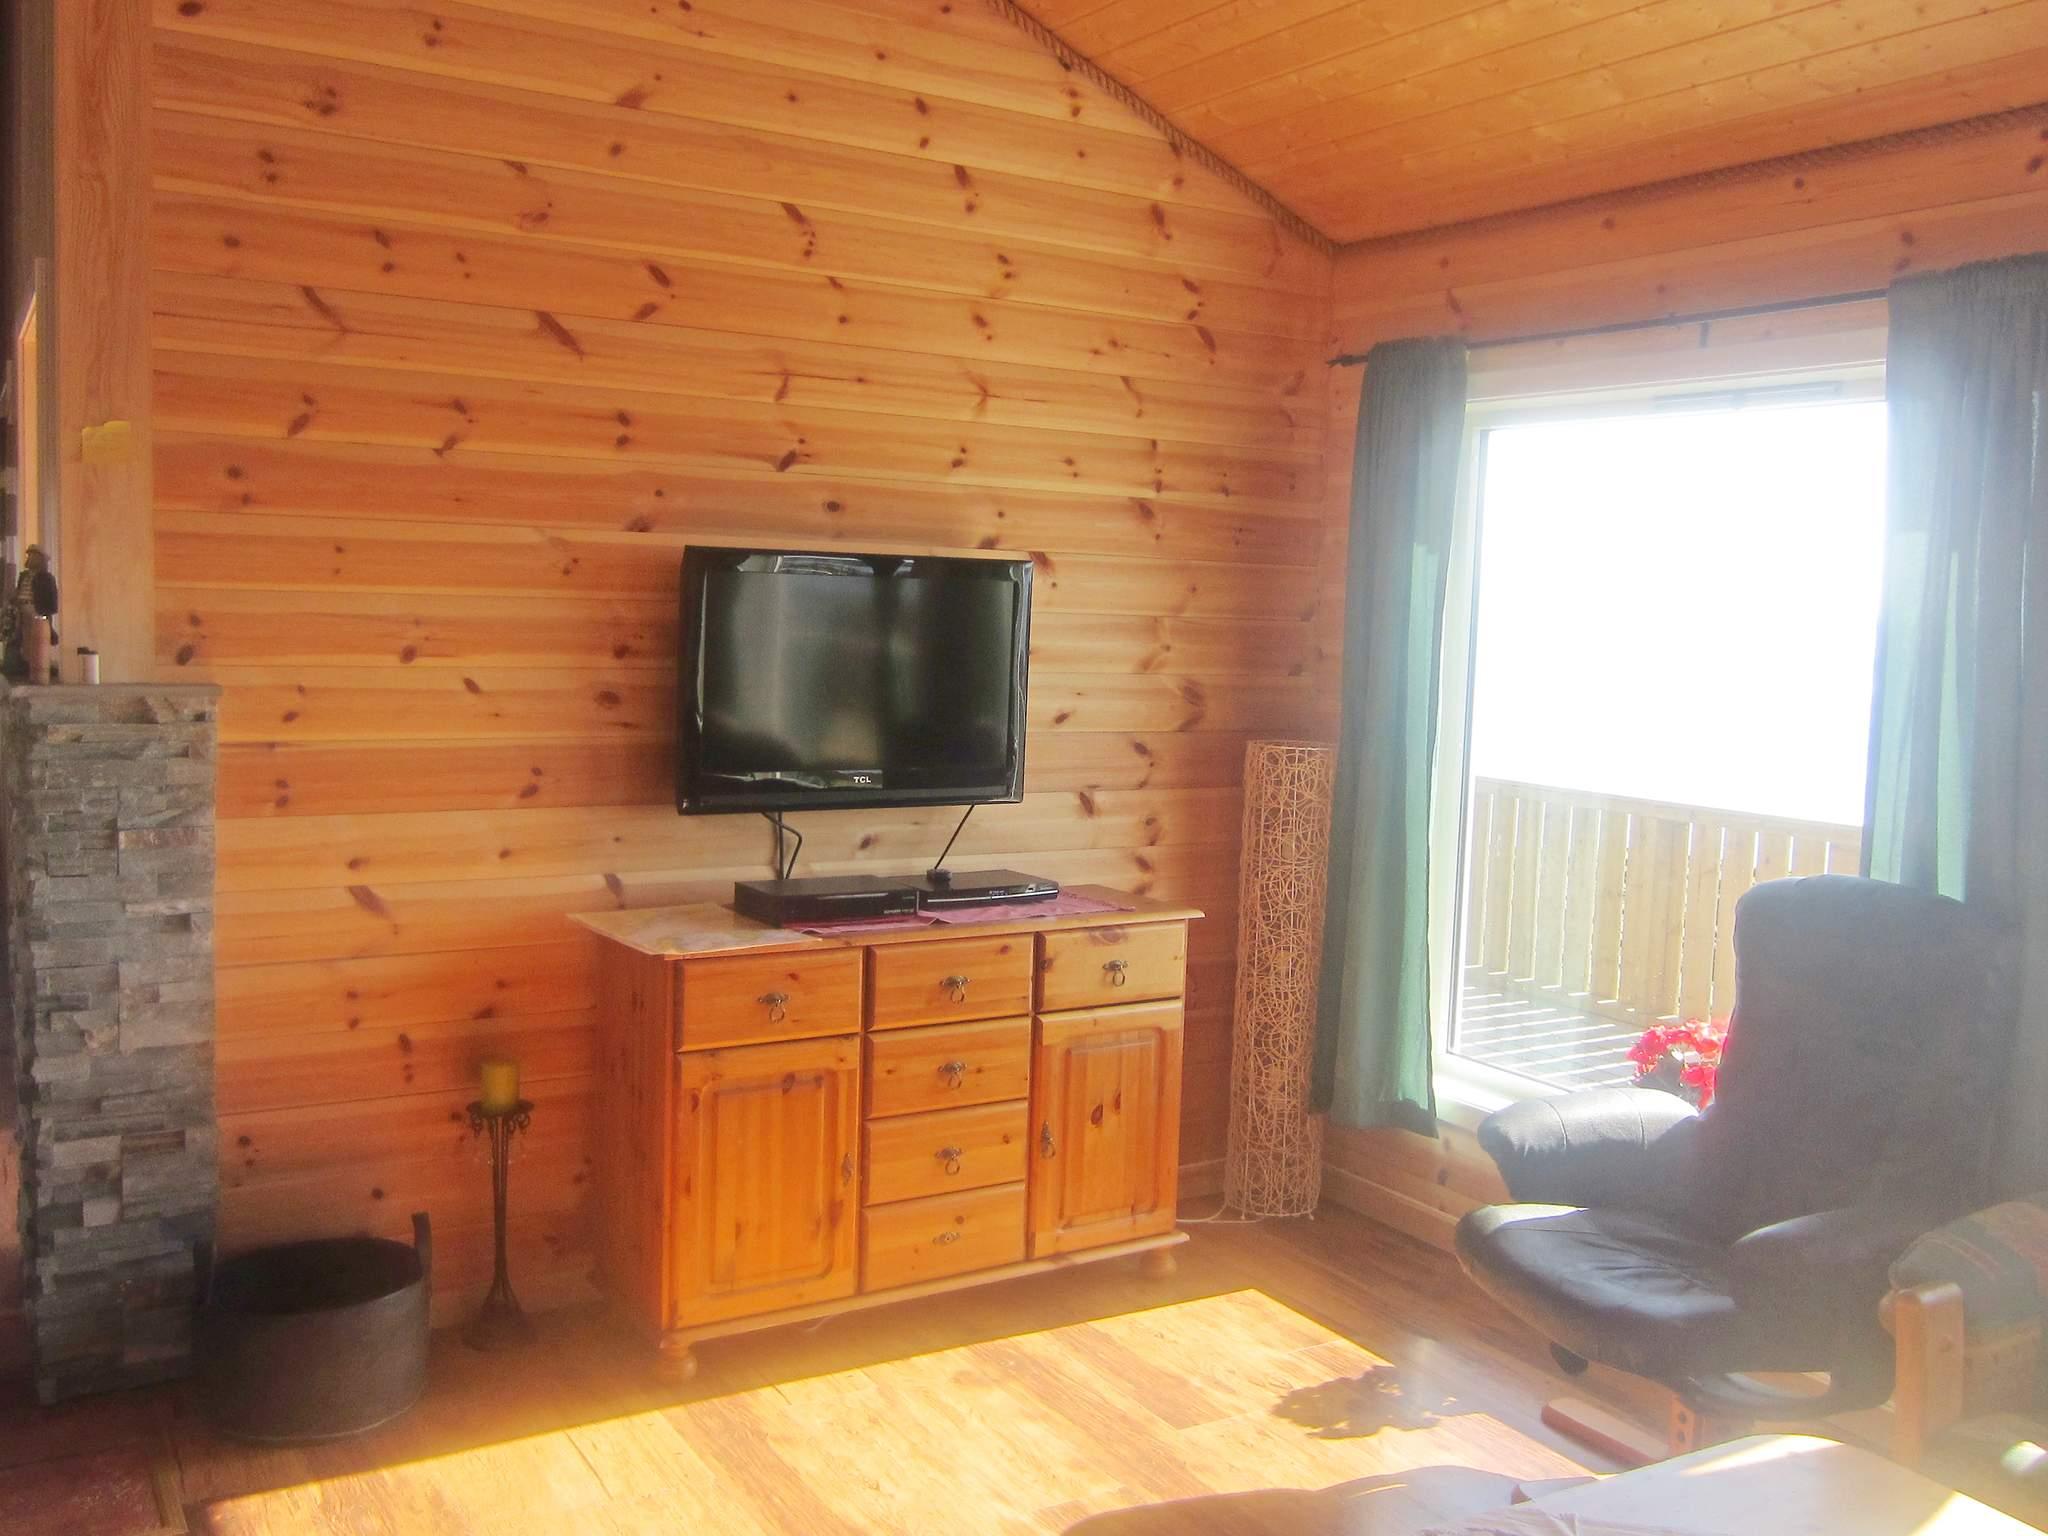 Ferienhaus Storfosna (500252), Storfosna, Tröndelag Süd - Trondheimfjord Süd, Mittelnorwegen, Norwegen, Bild 3